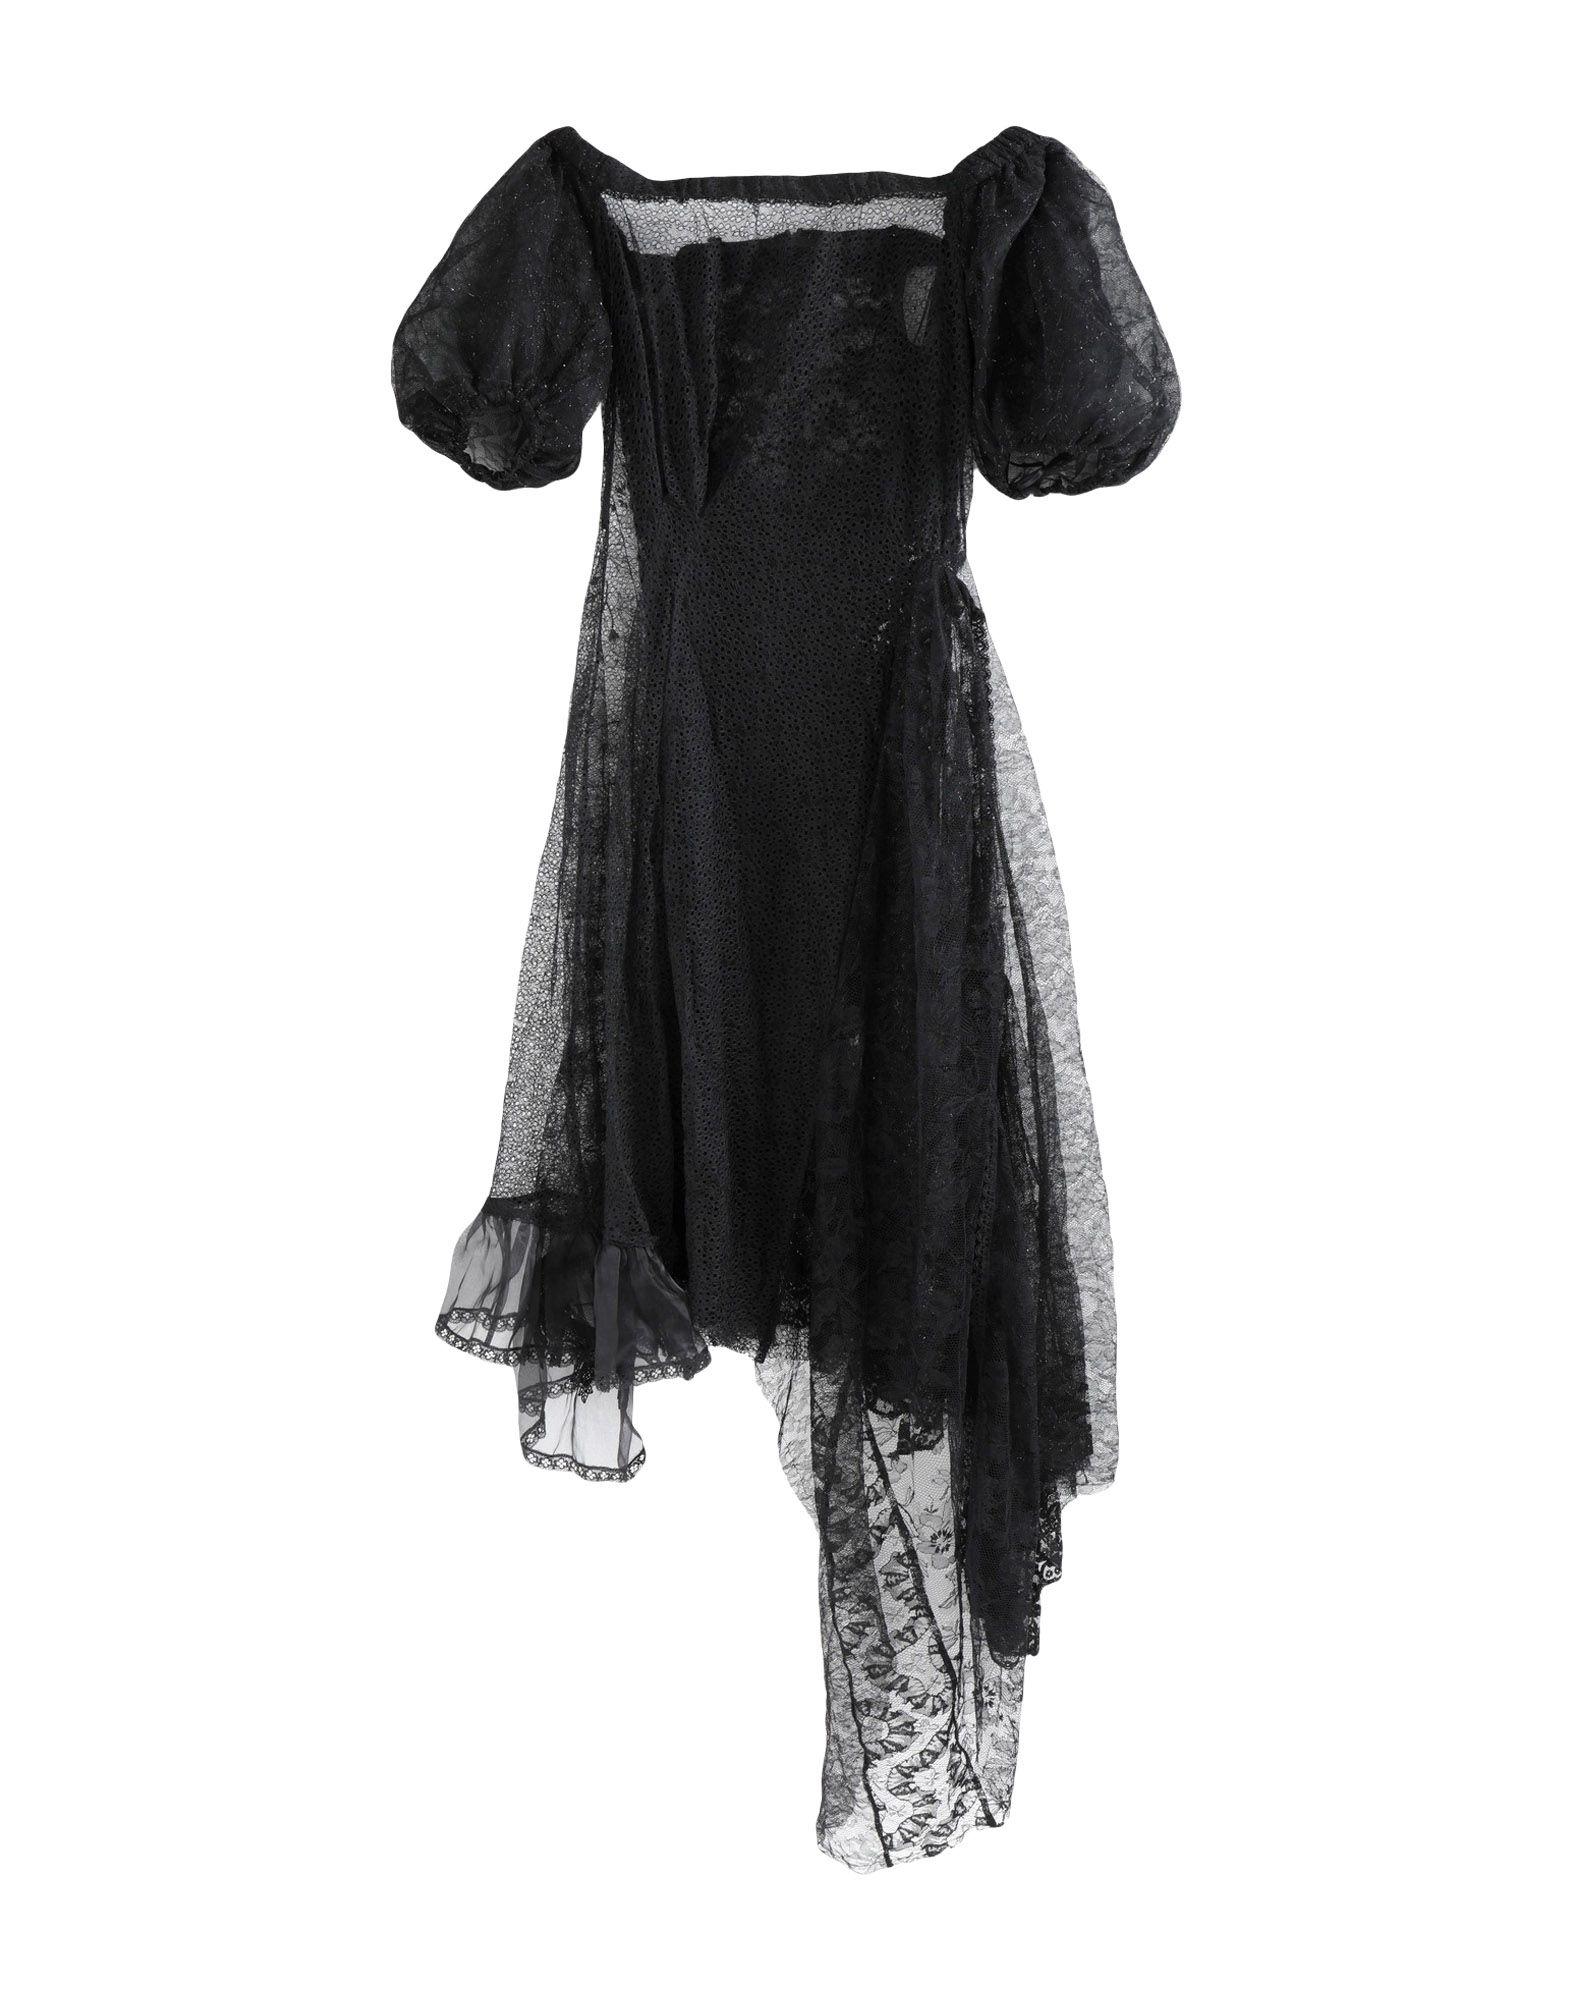 Vestito Corto Preen By Thornton Bregazzi donna donna donna - 34921412HU a25